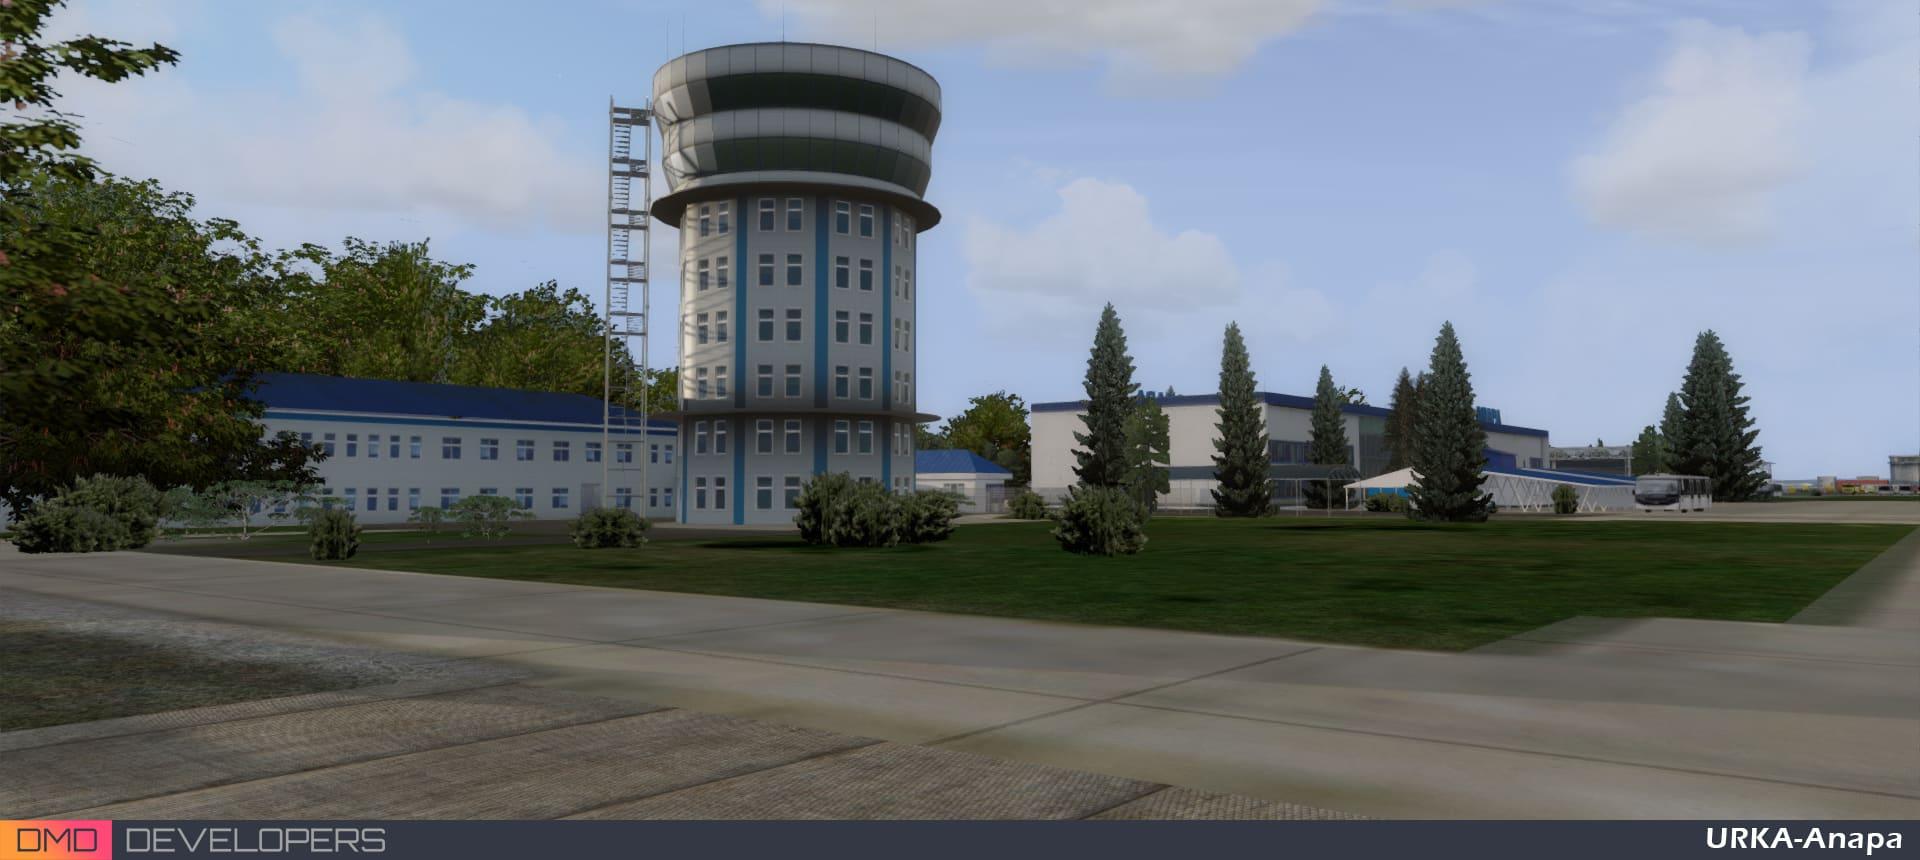 DMD Developers – Anapa (Vityazevo) Airport P3D4